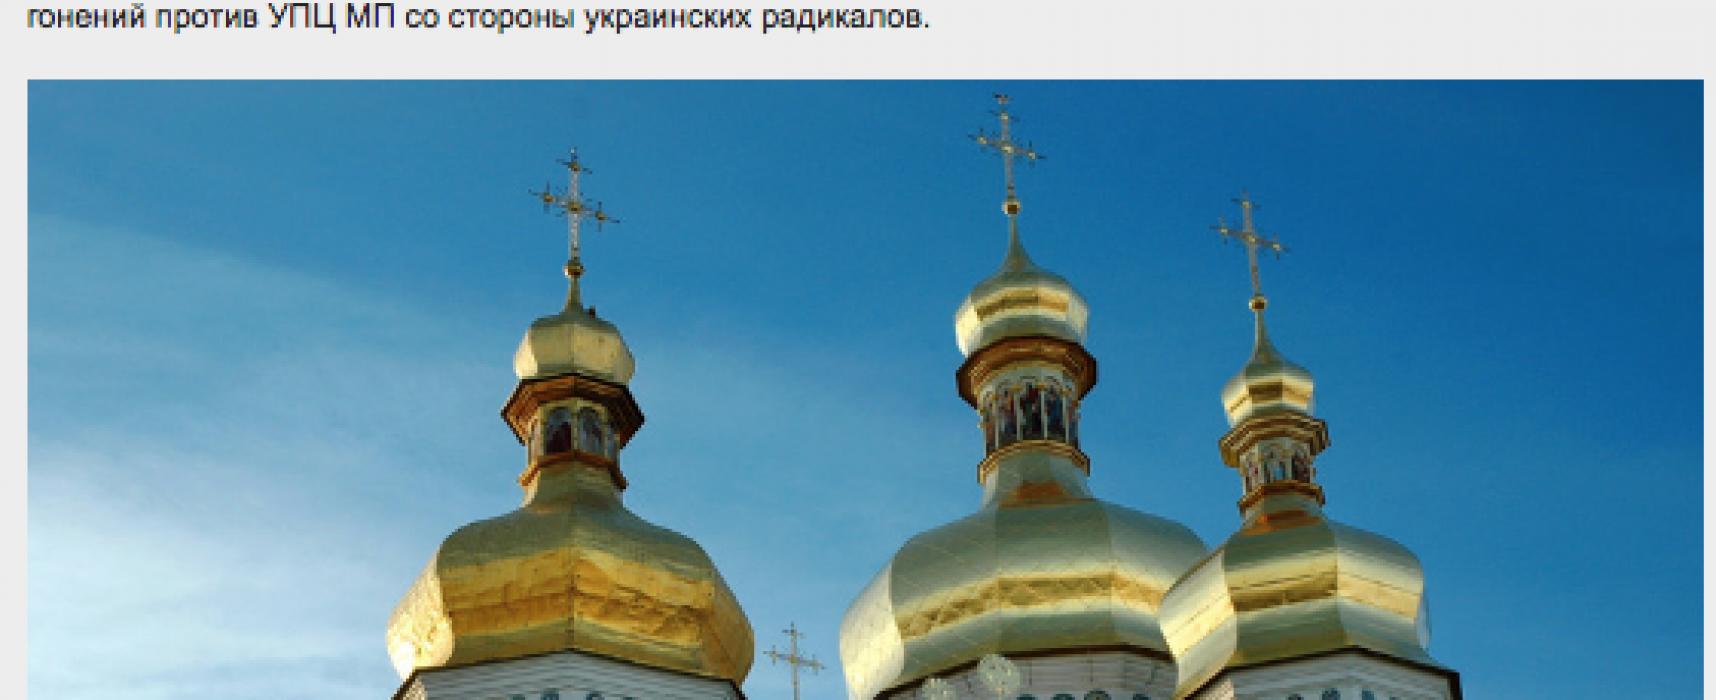 La división de la Iglesia ortodoxa, ¿qué publicó la prensa pro-Kremlin sobre la autocefalía ucraniana?